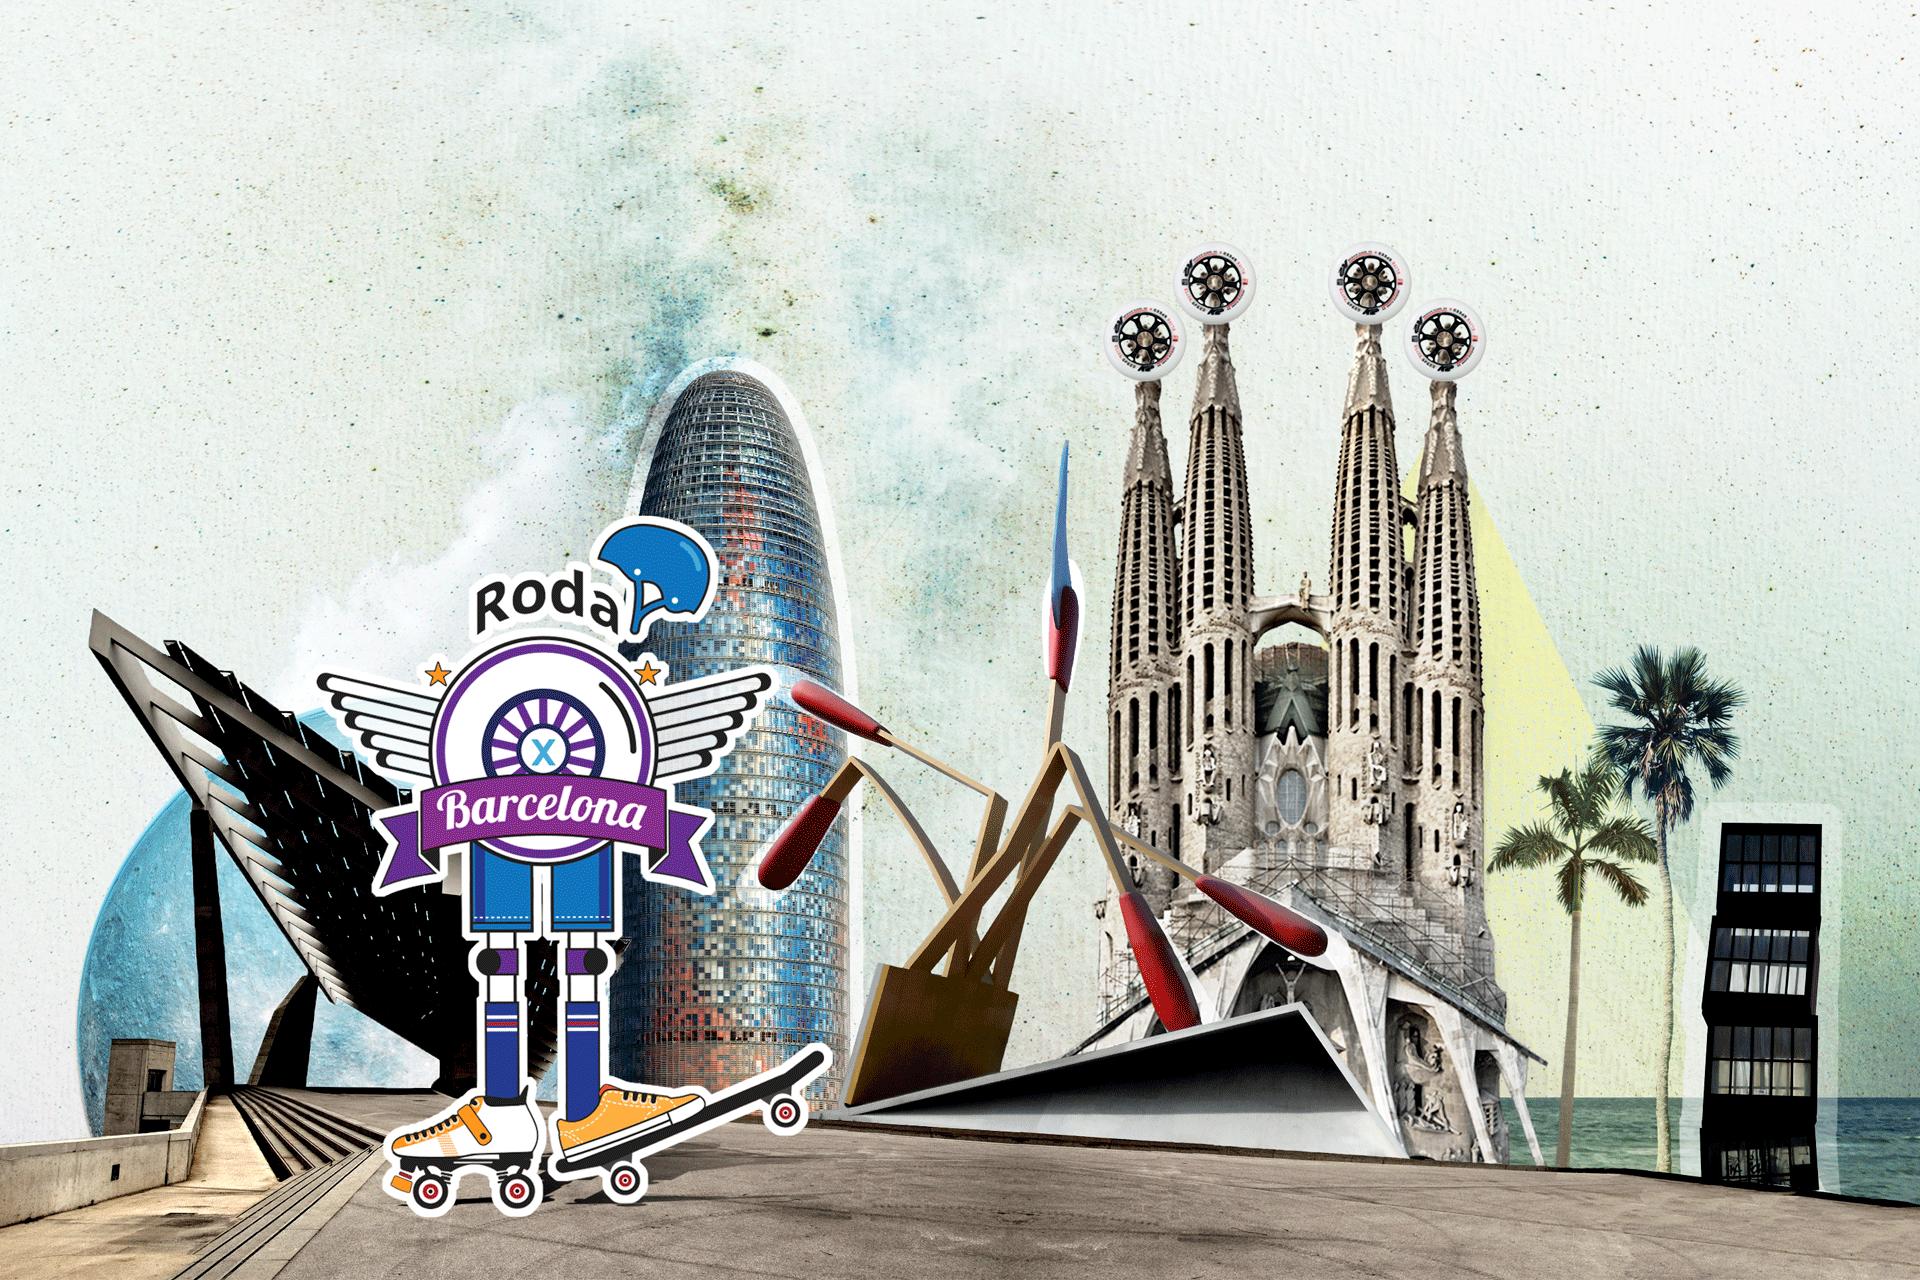 Propuesta_RodaBarcelona2017